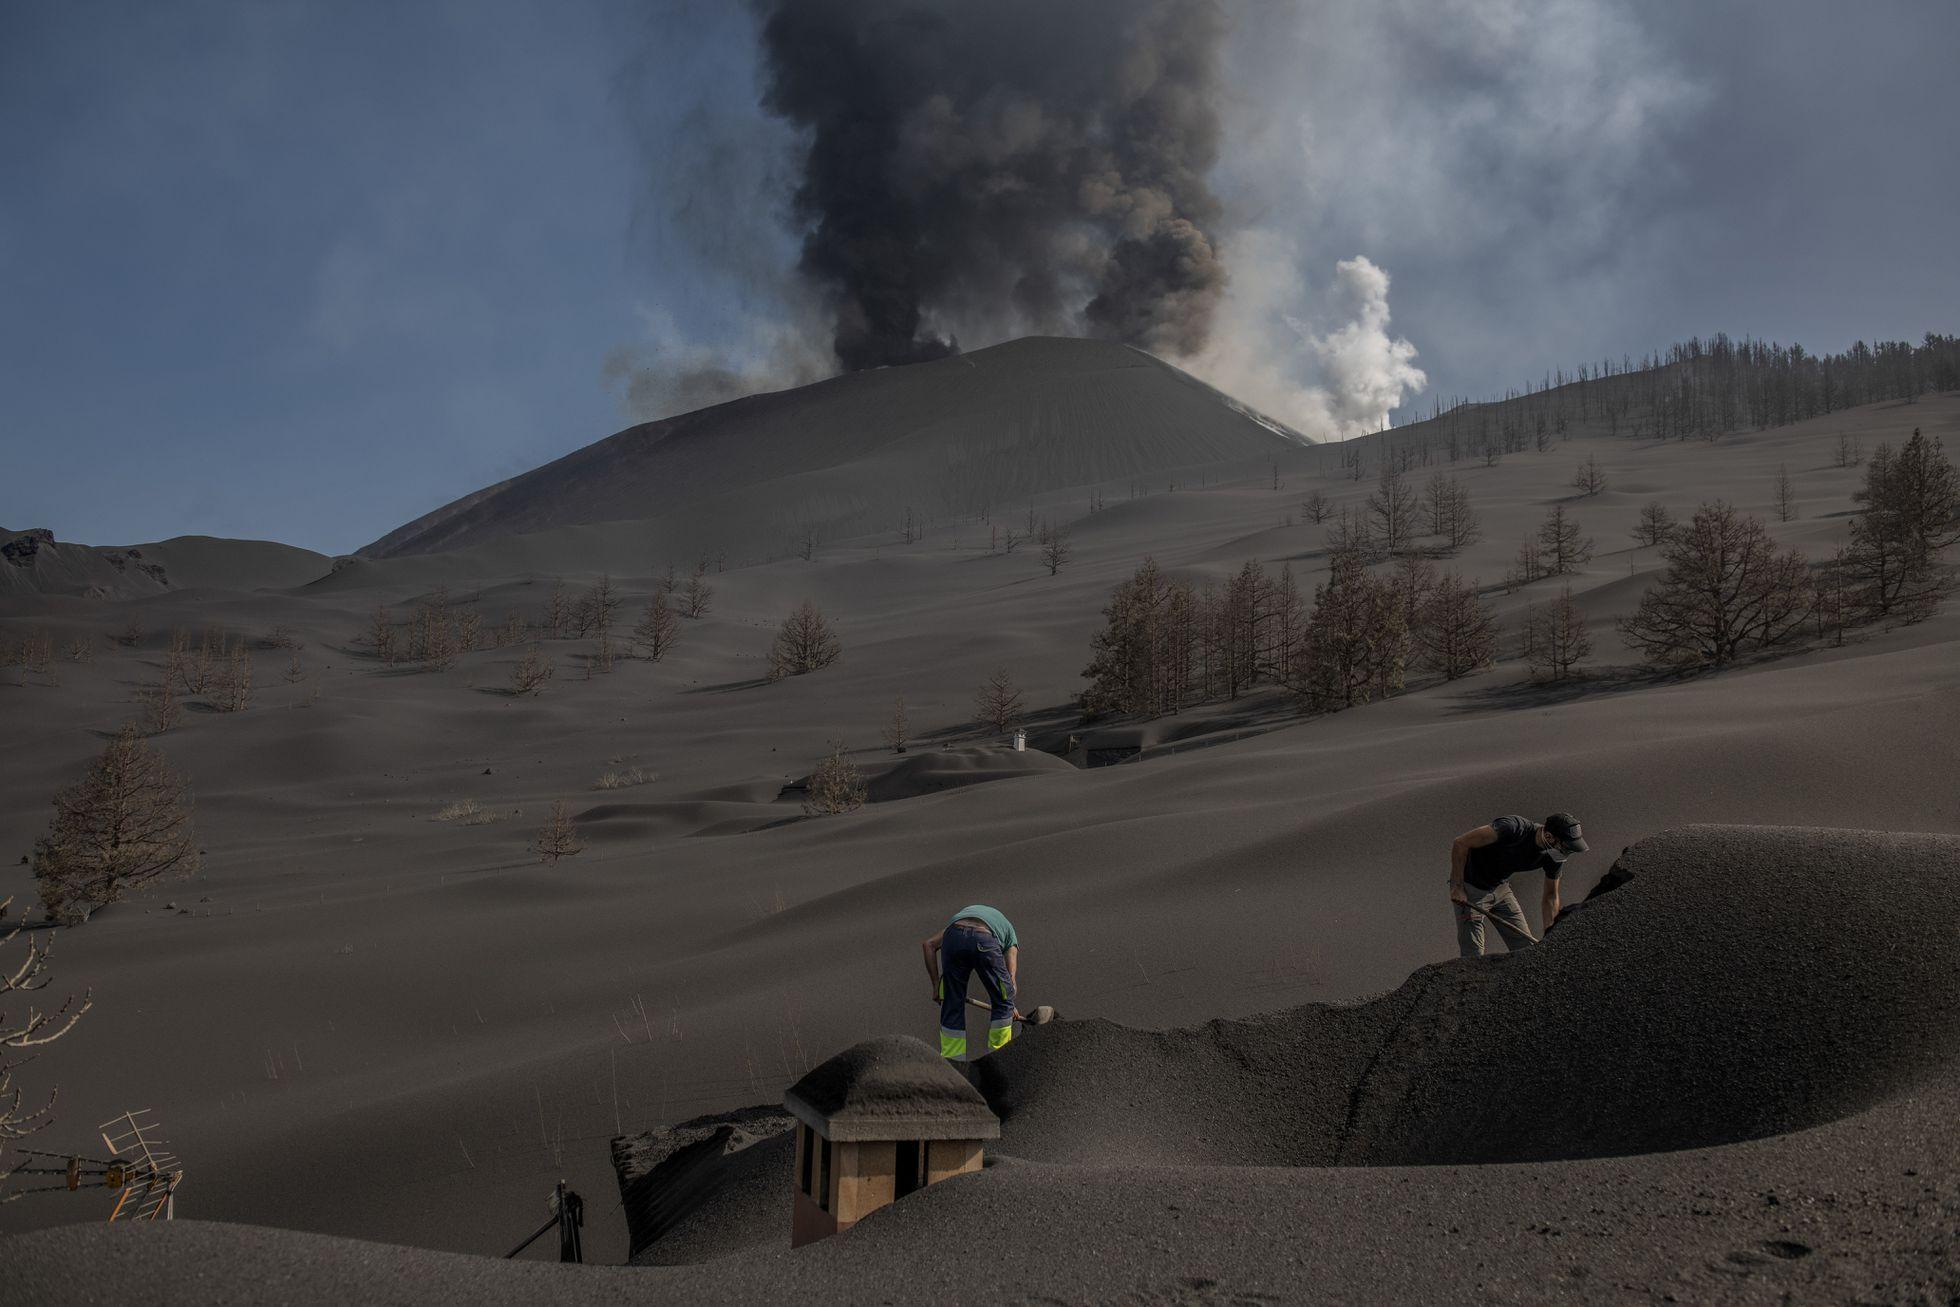 October 16, 2021. EN. Spain / La Palma : Cumbre Vieja , Indonesia : Merapi , Costa Rica : Turrialba / Poas / Rincon de la Vieja , Alaska : Great Sitkin , Guatemala : Fuego .